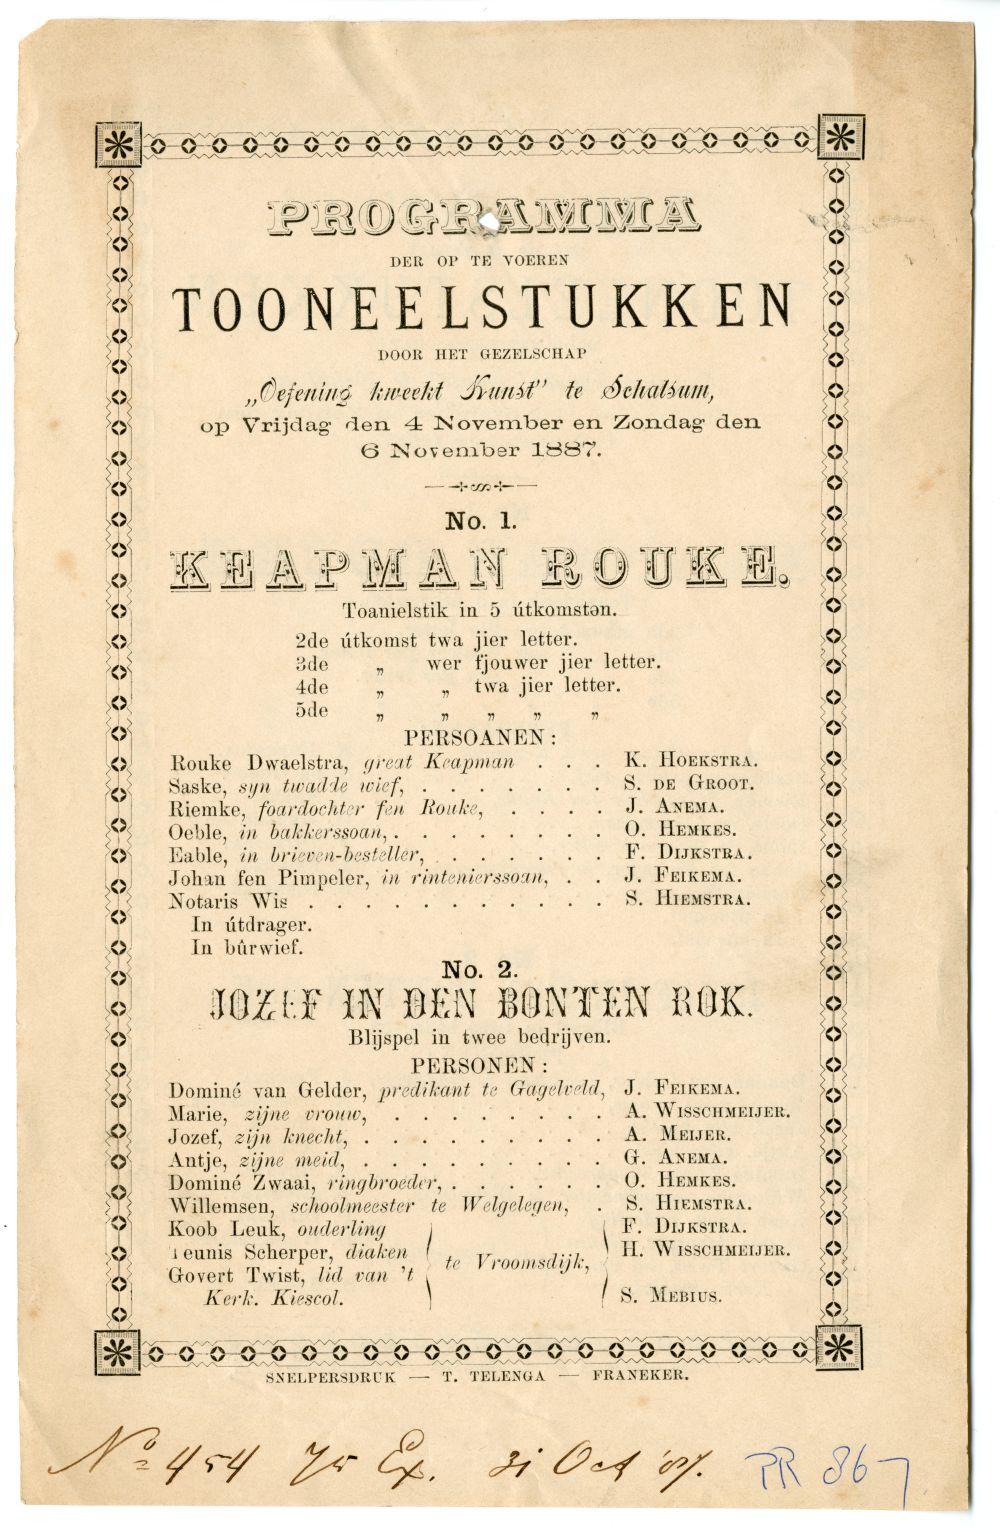 Programma van een toneelstuk opgevoerd in Schalsum